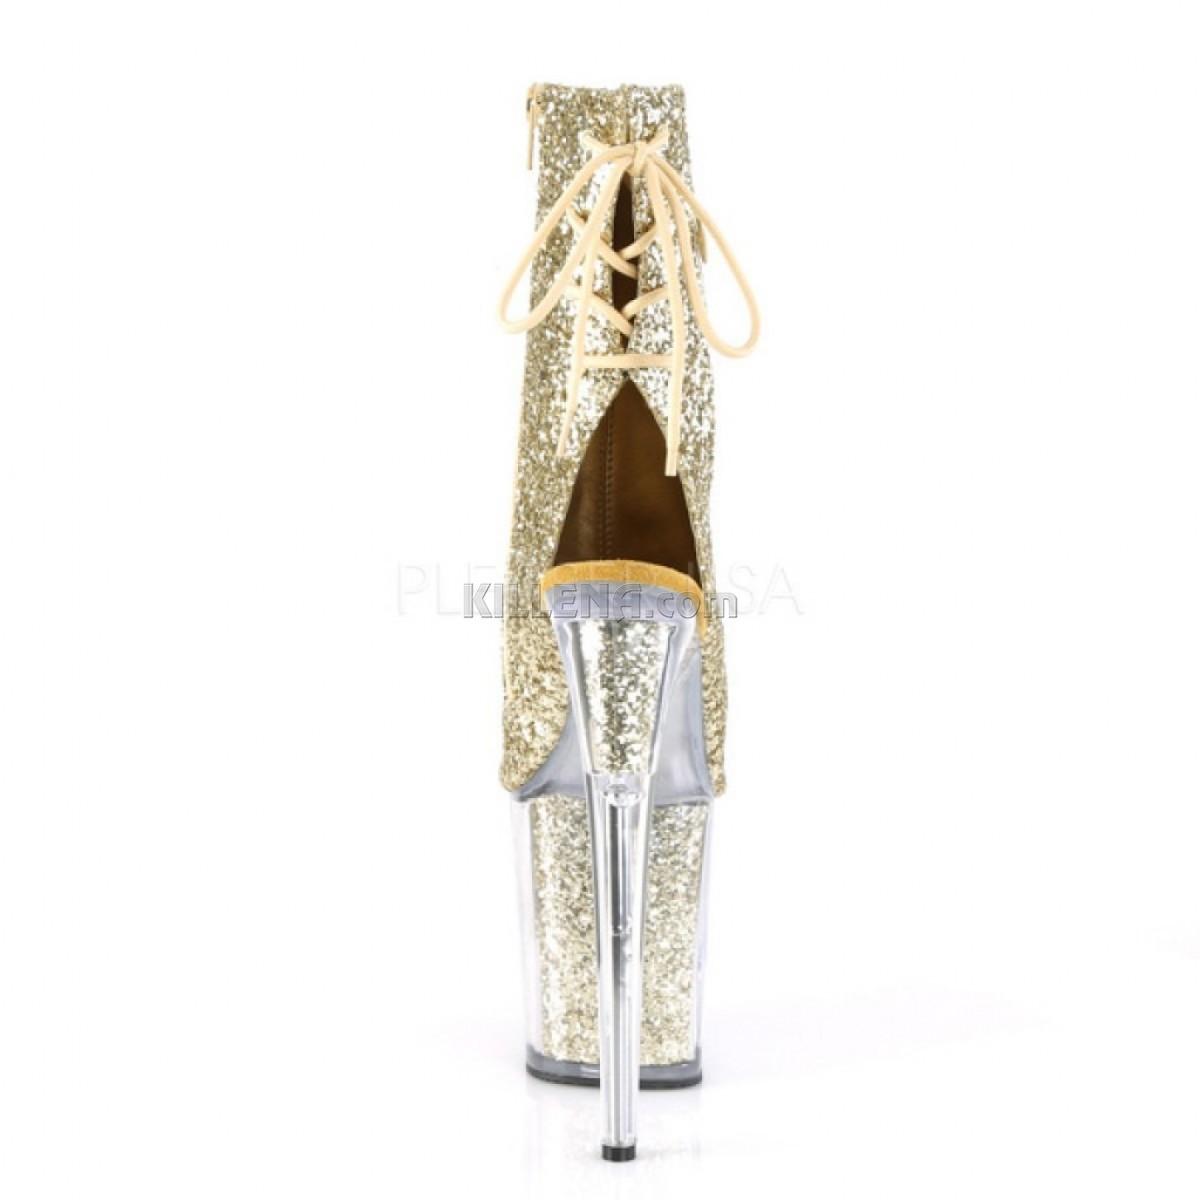 Открытые ботинки покрыты золотыми блестками